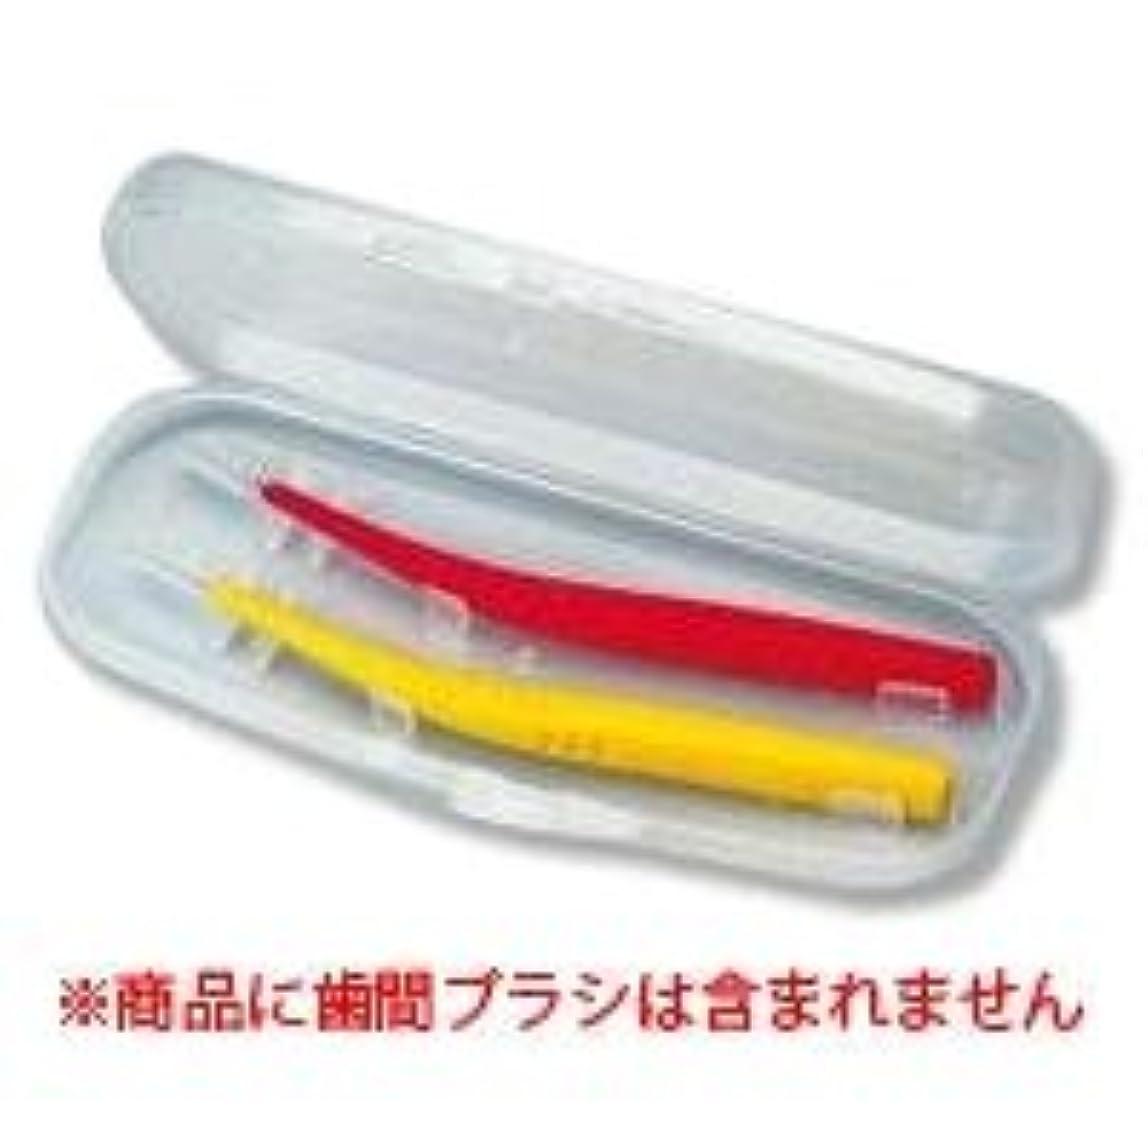 冷凍庫考える戦術【ジーシー(GC)】【歯科用】プロスペック歯間ブラシ カーブ ケース 1個【歯間ブラシケース】